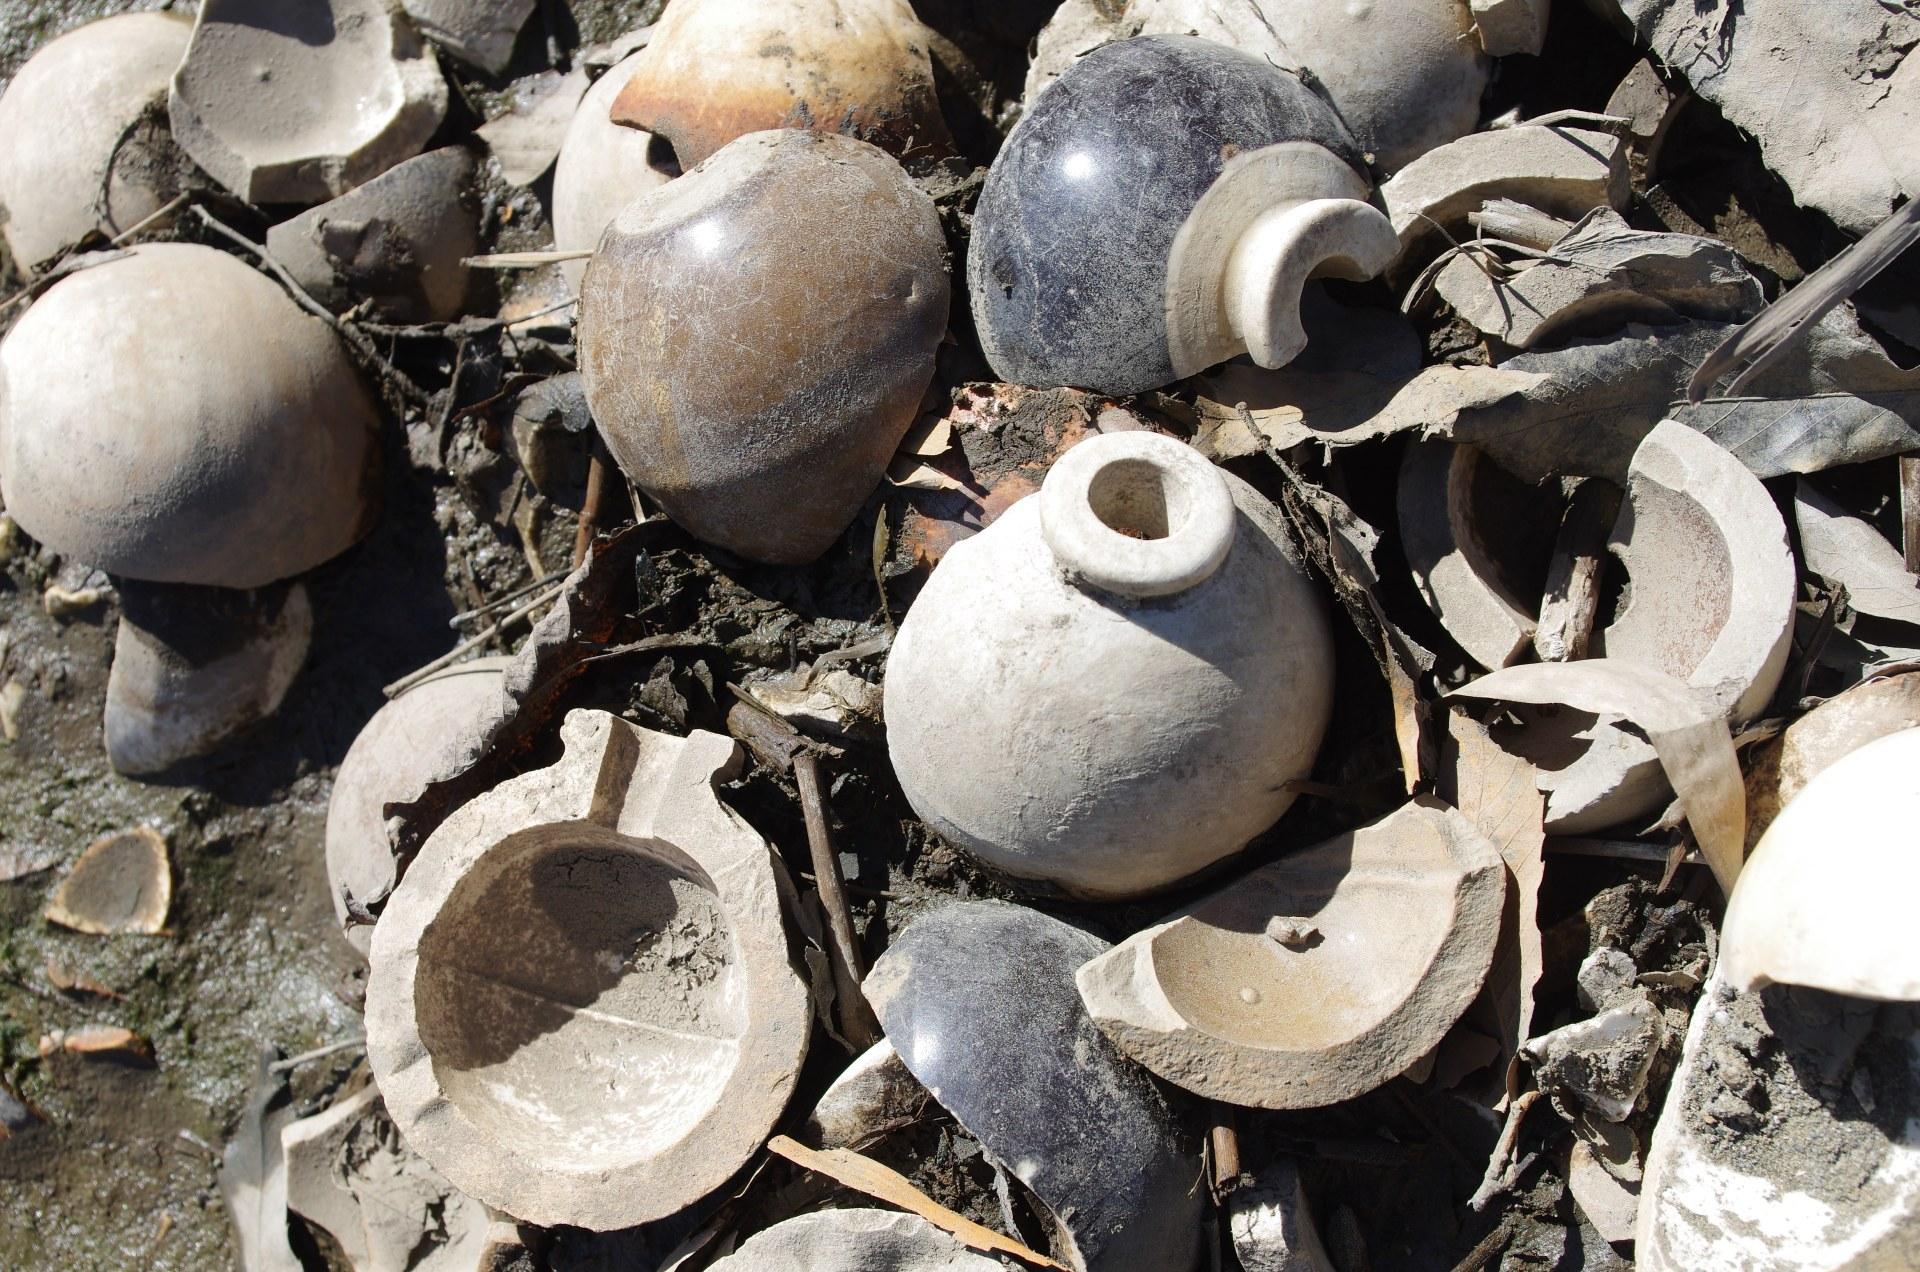 浅野カーリット埼玉工場跡と四式陶製手榴弾